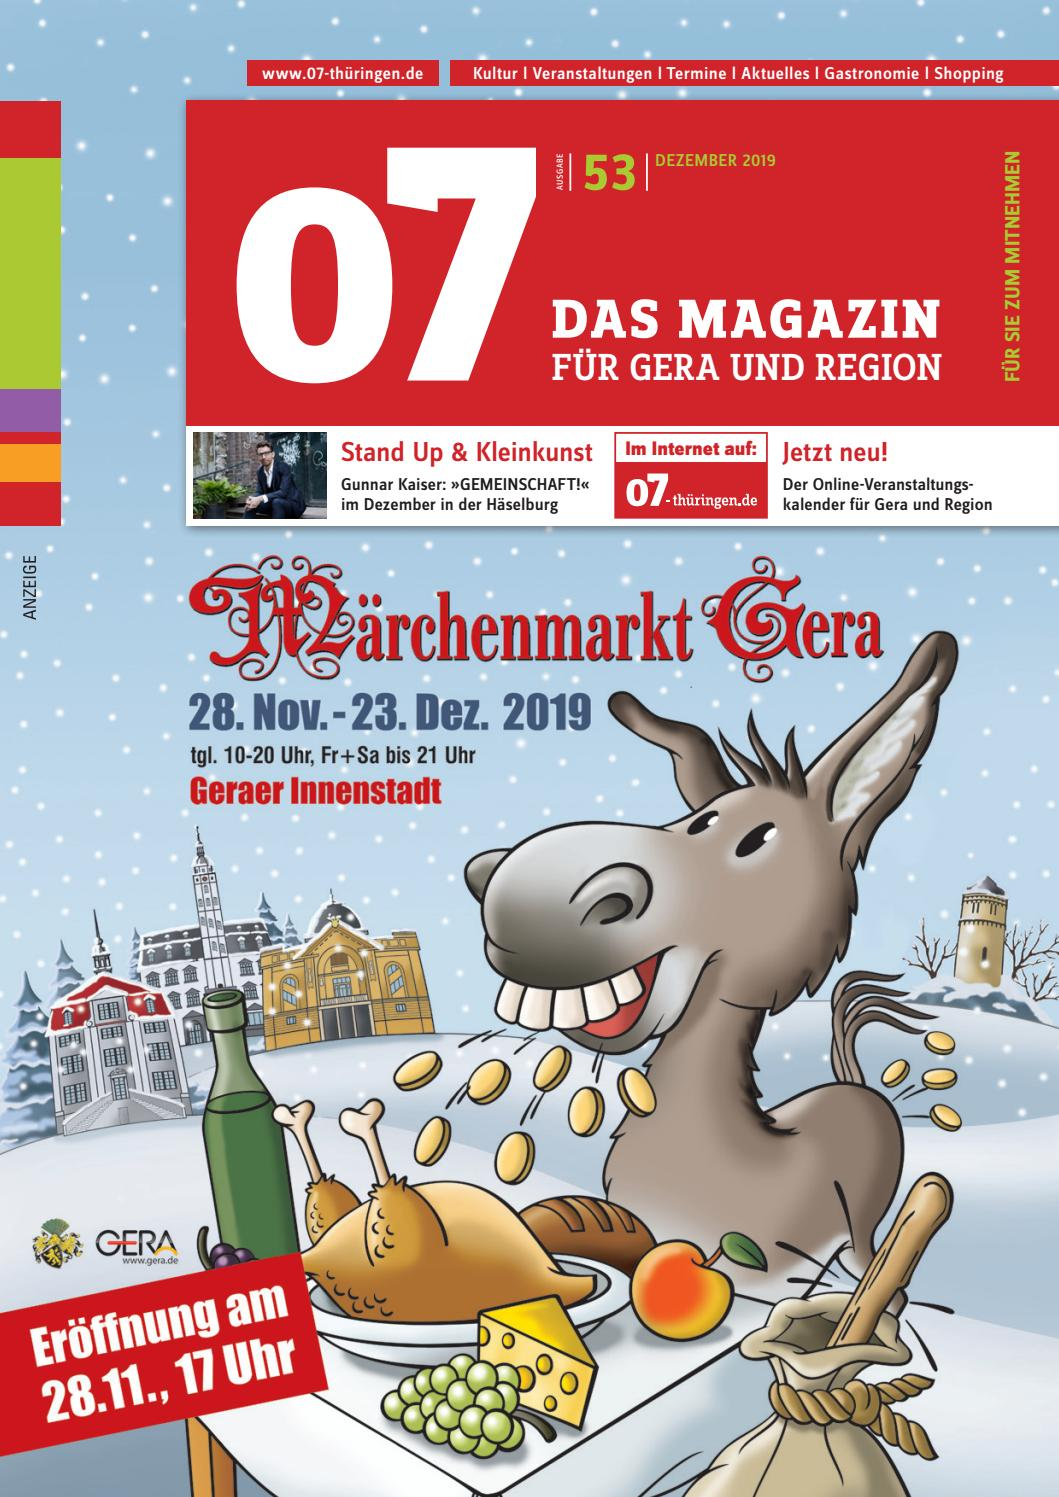 07 Das Magazin für Gera & Region, Ausgabe 53, Dezember 2019